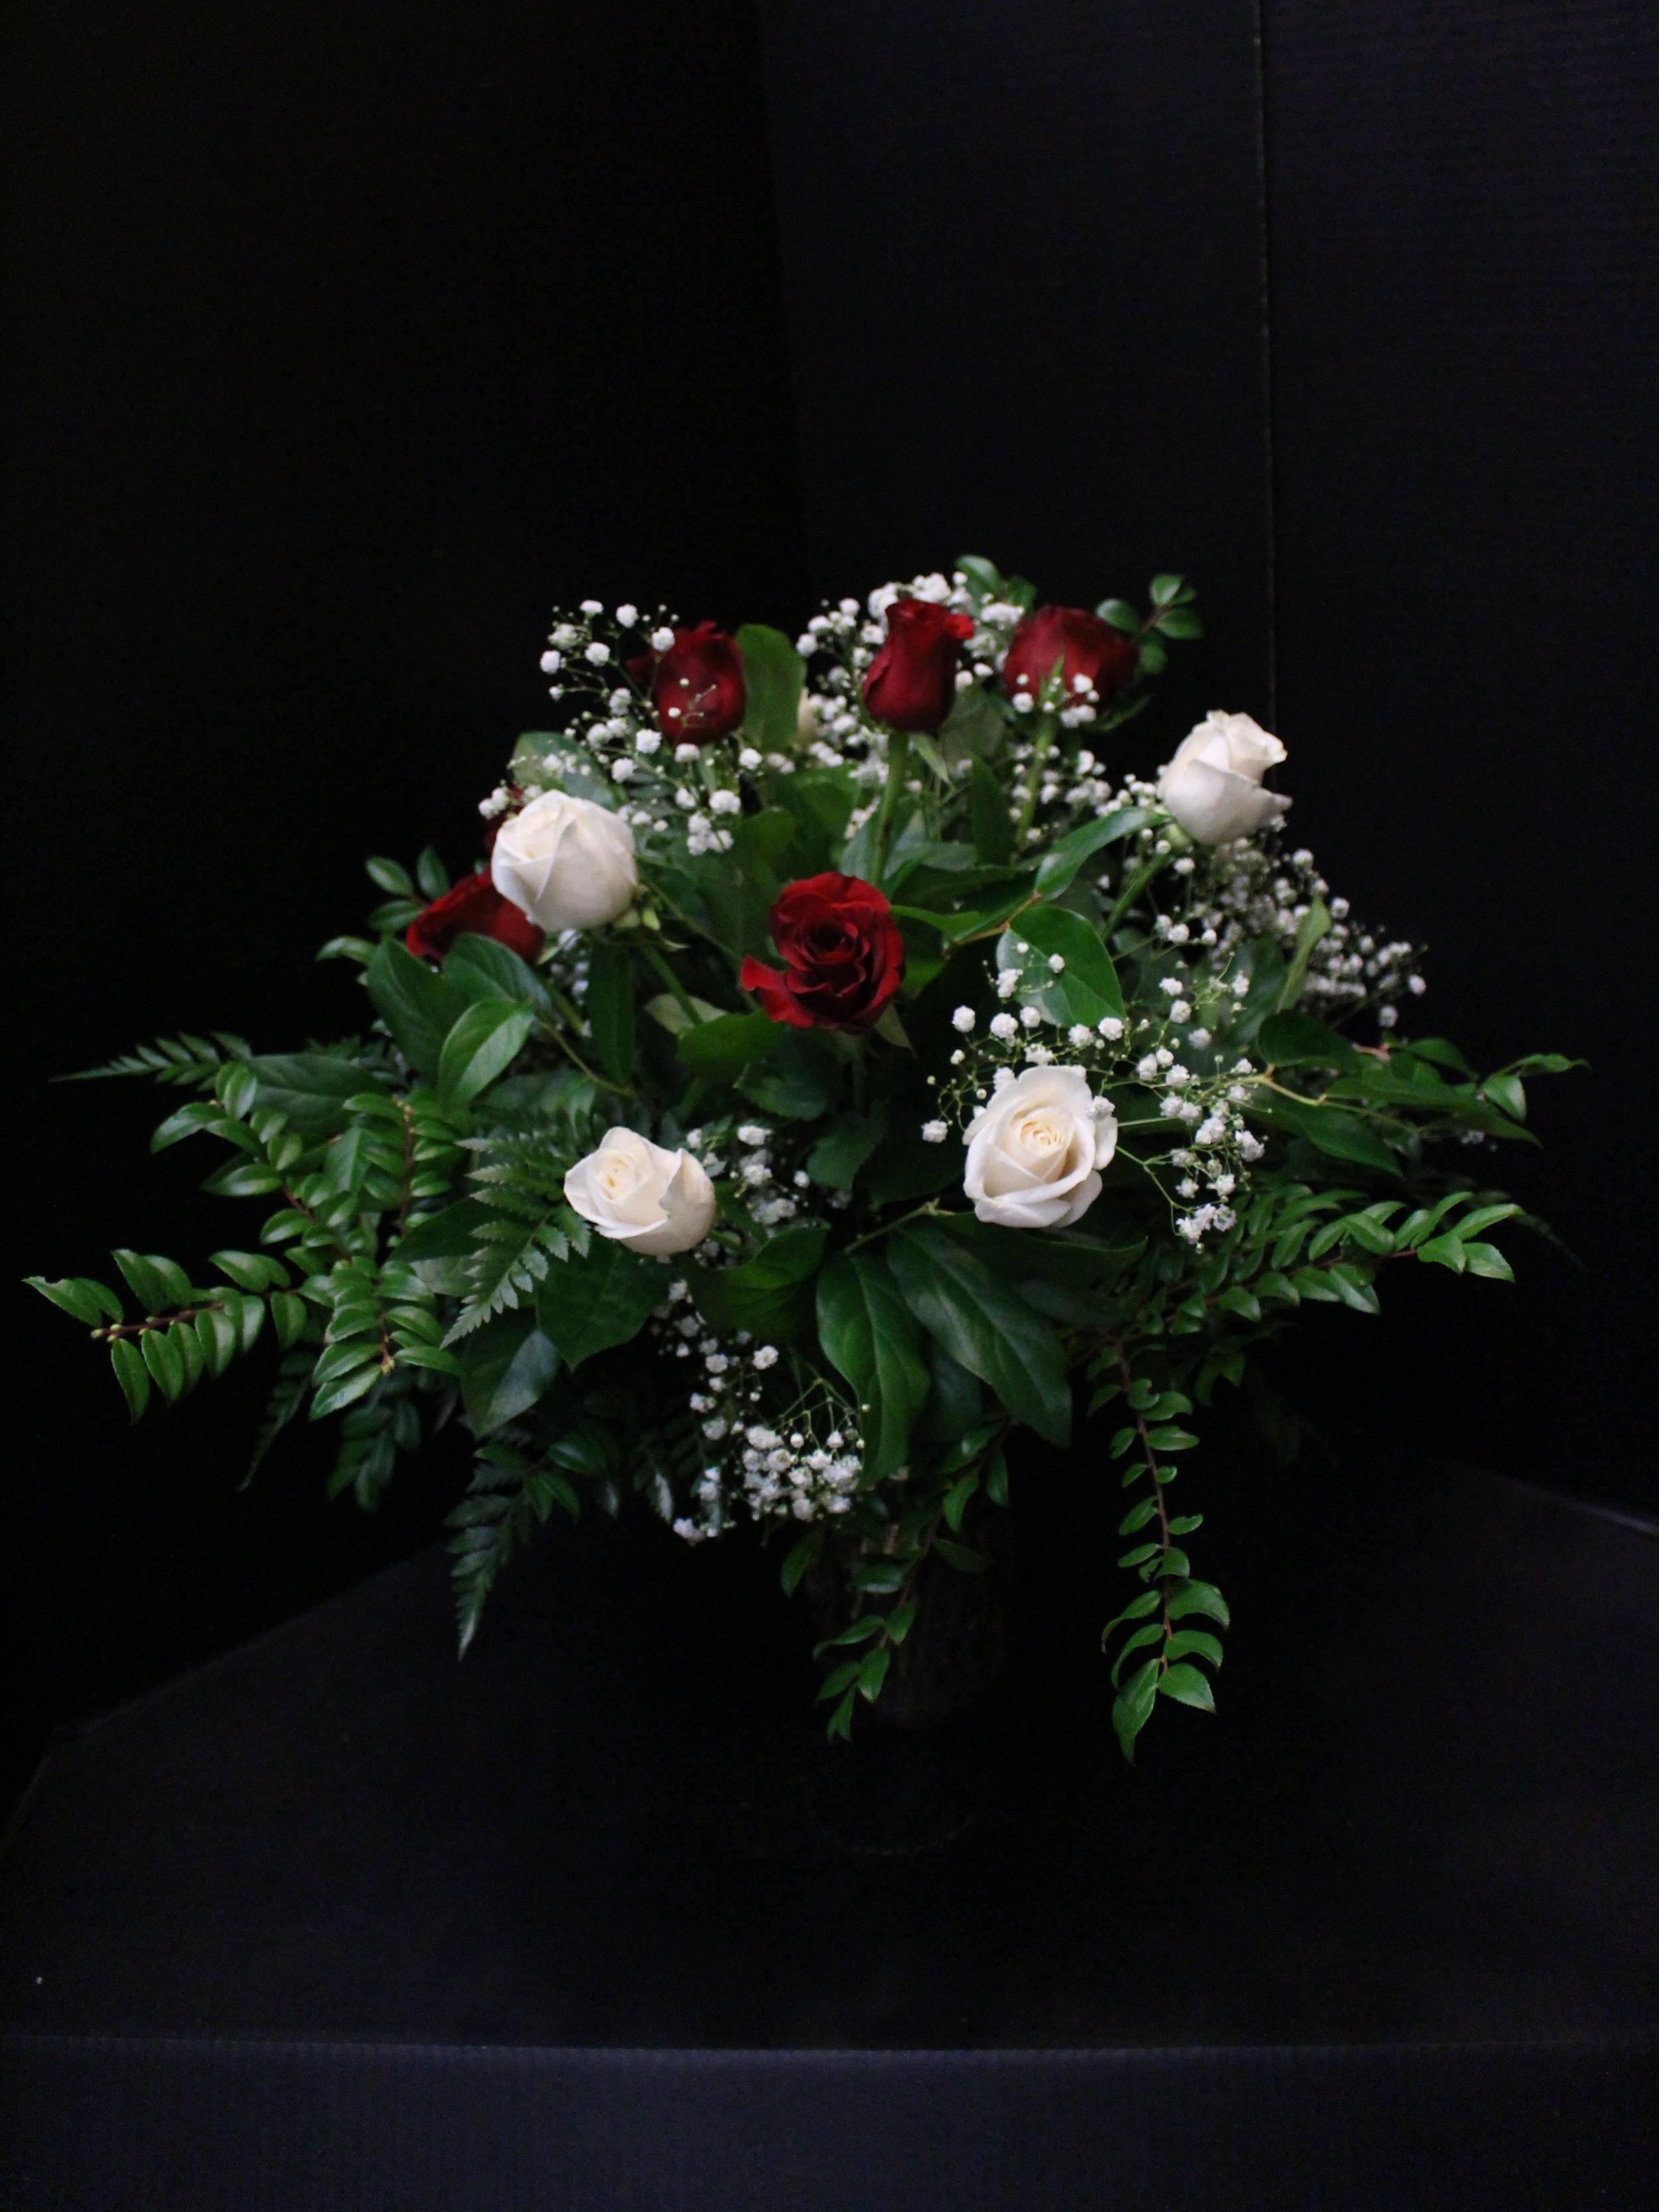 Red & White Roses (TVB-68)